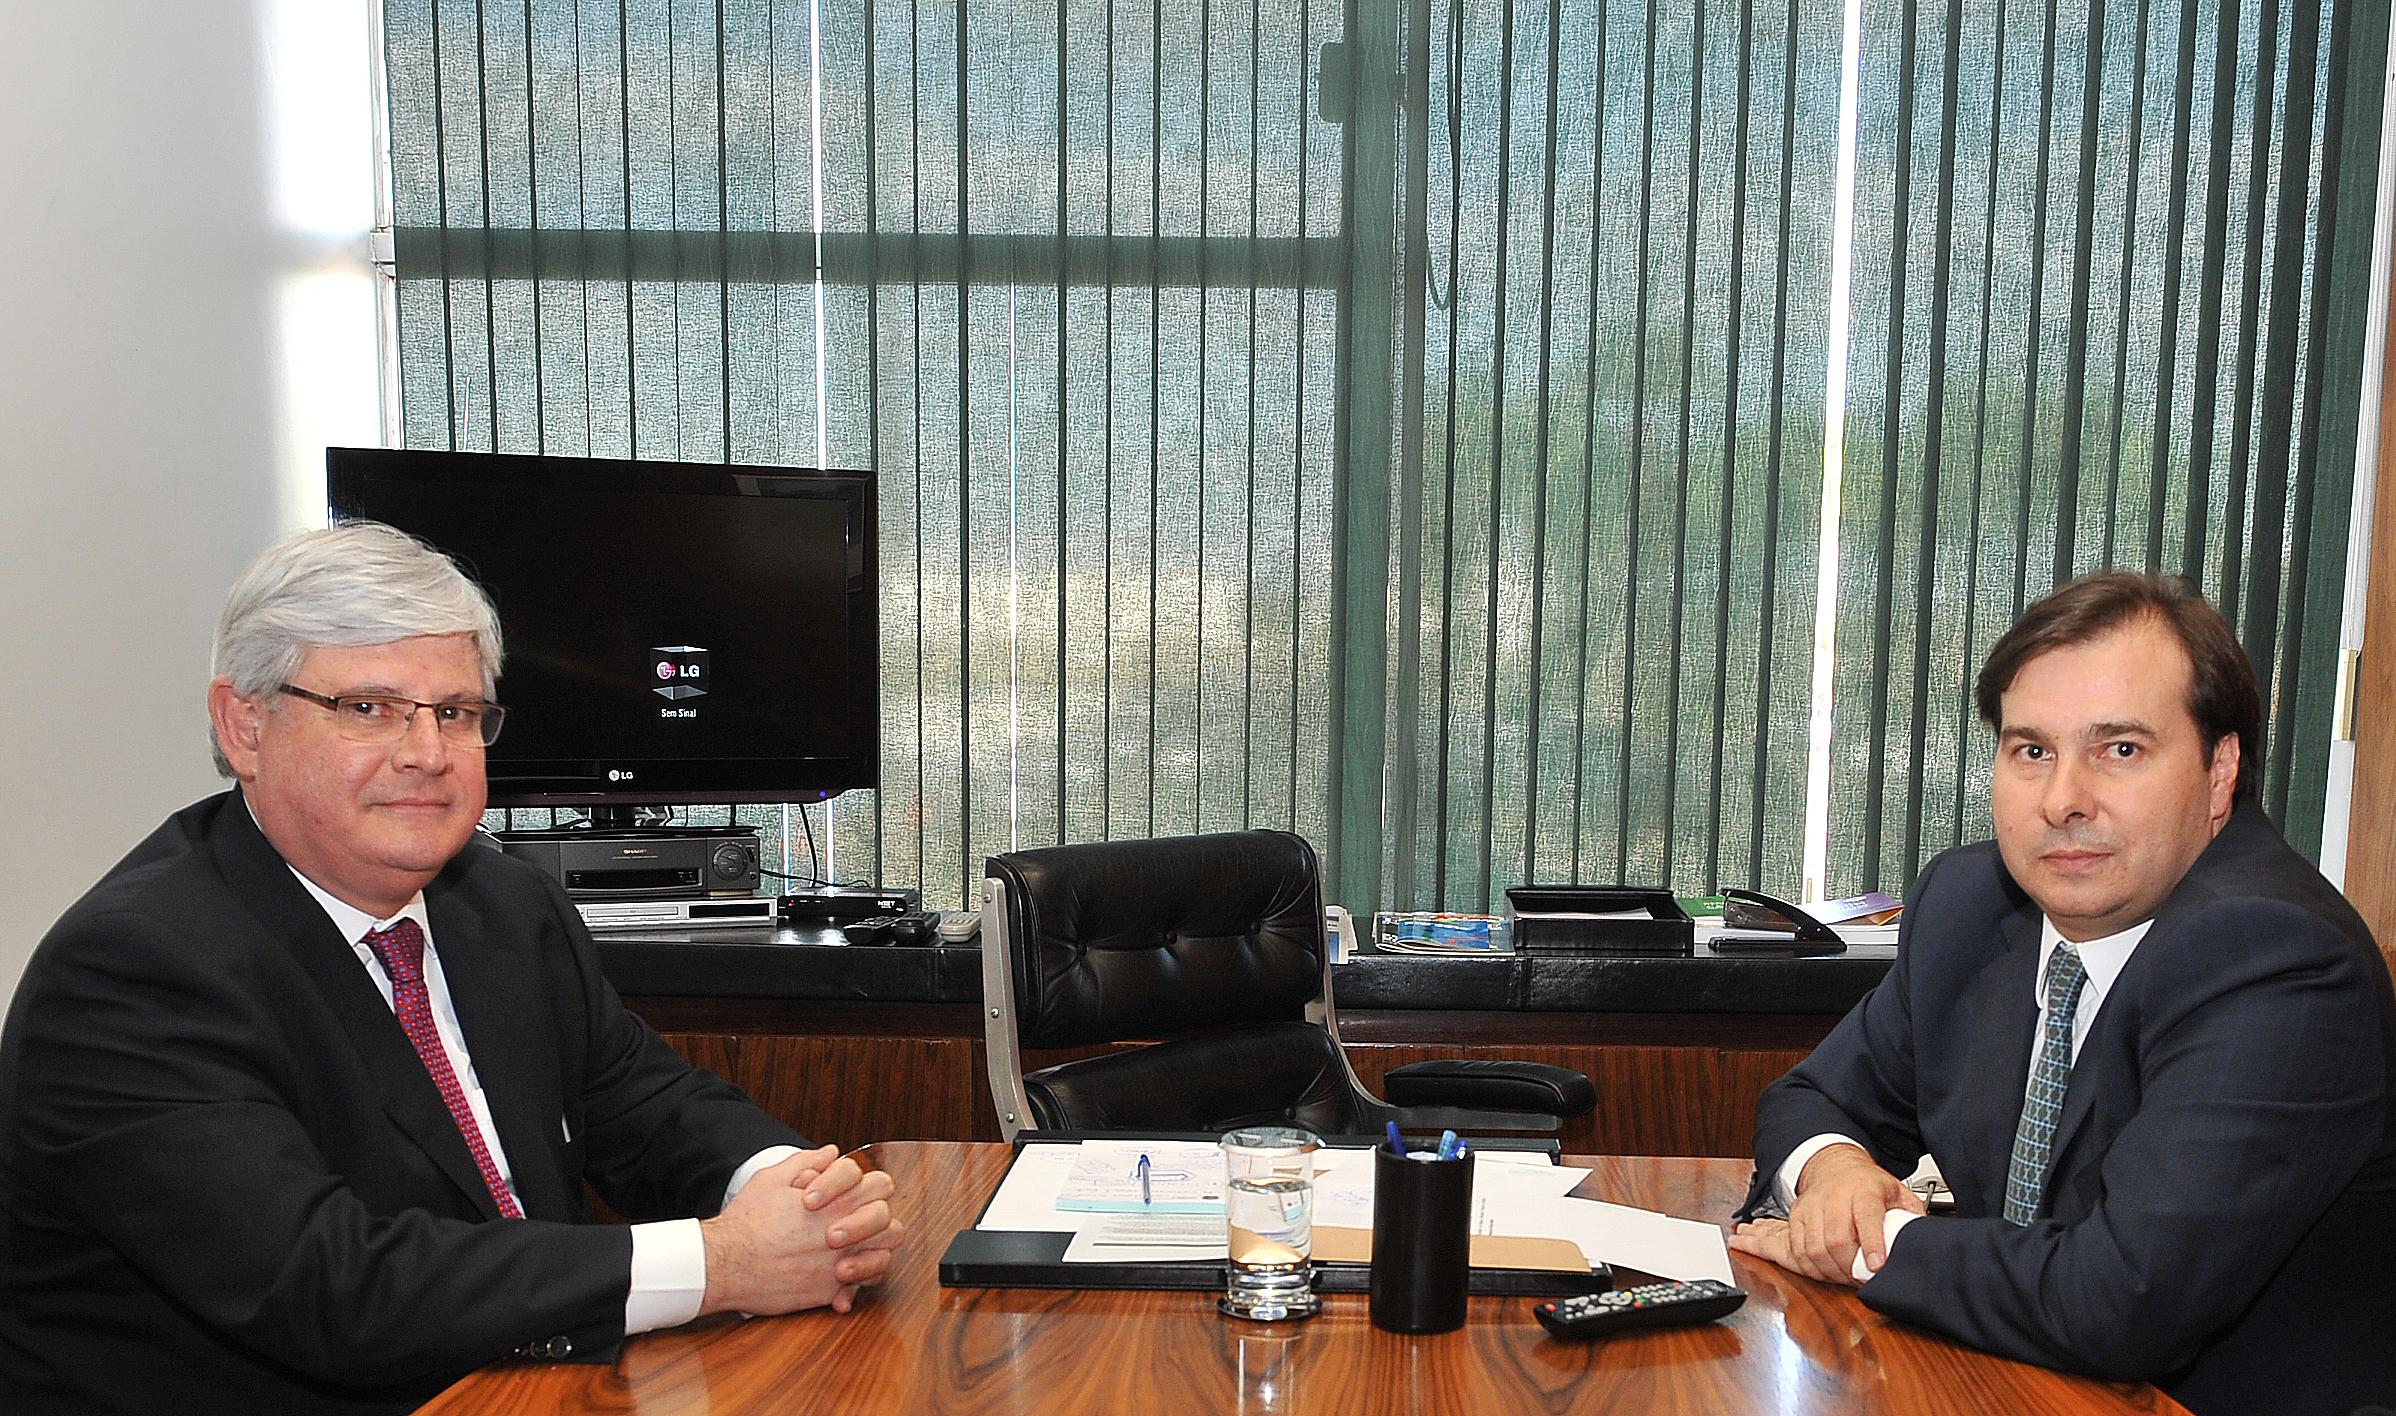 Presidente da Câmara, Dep. Rodrigo Maia recebe visita do Procurador-geral da República, Rodrigo Janot